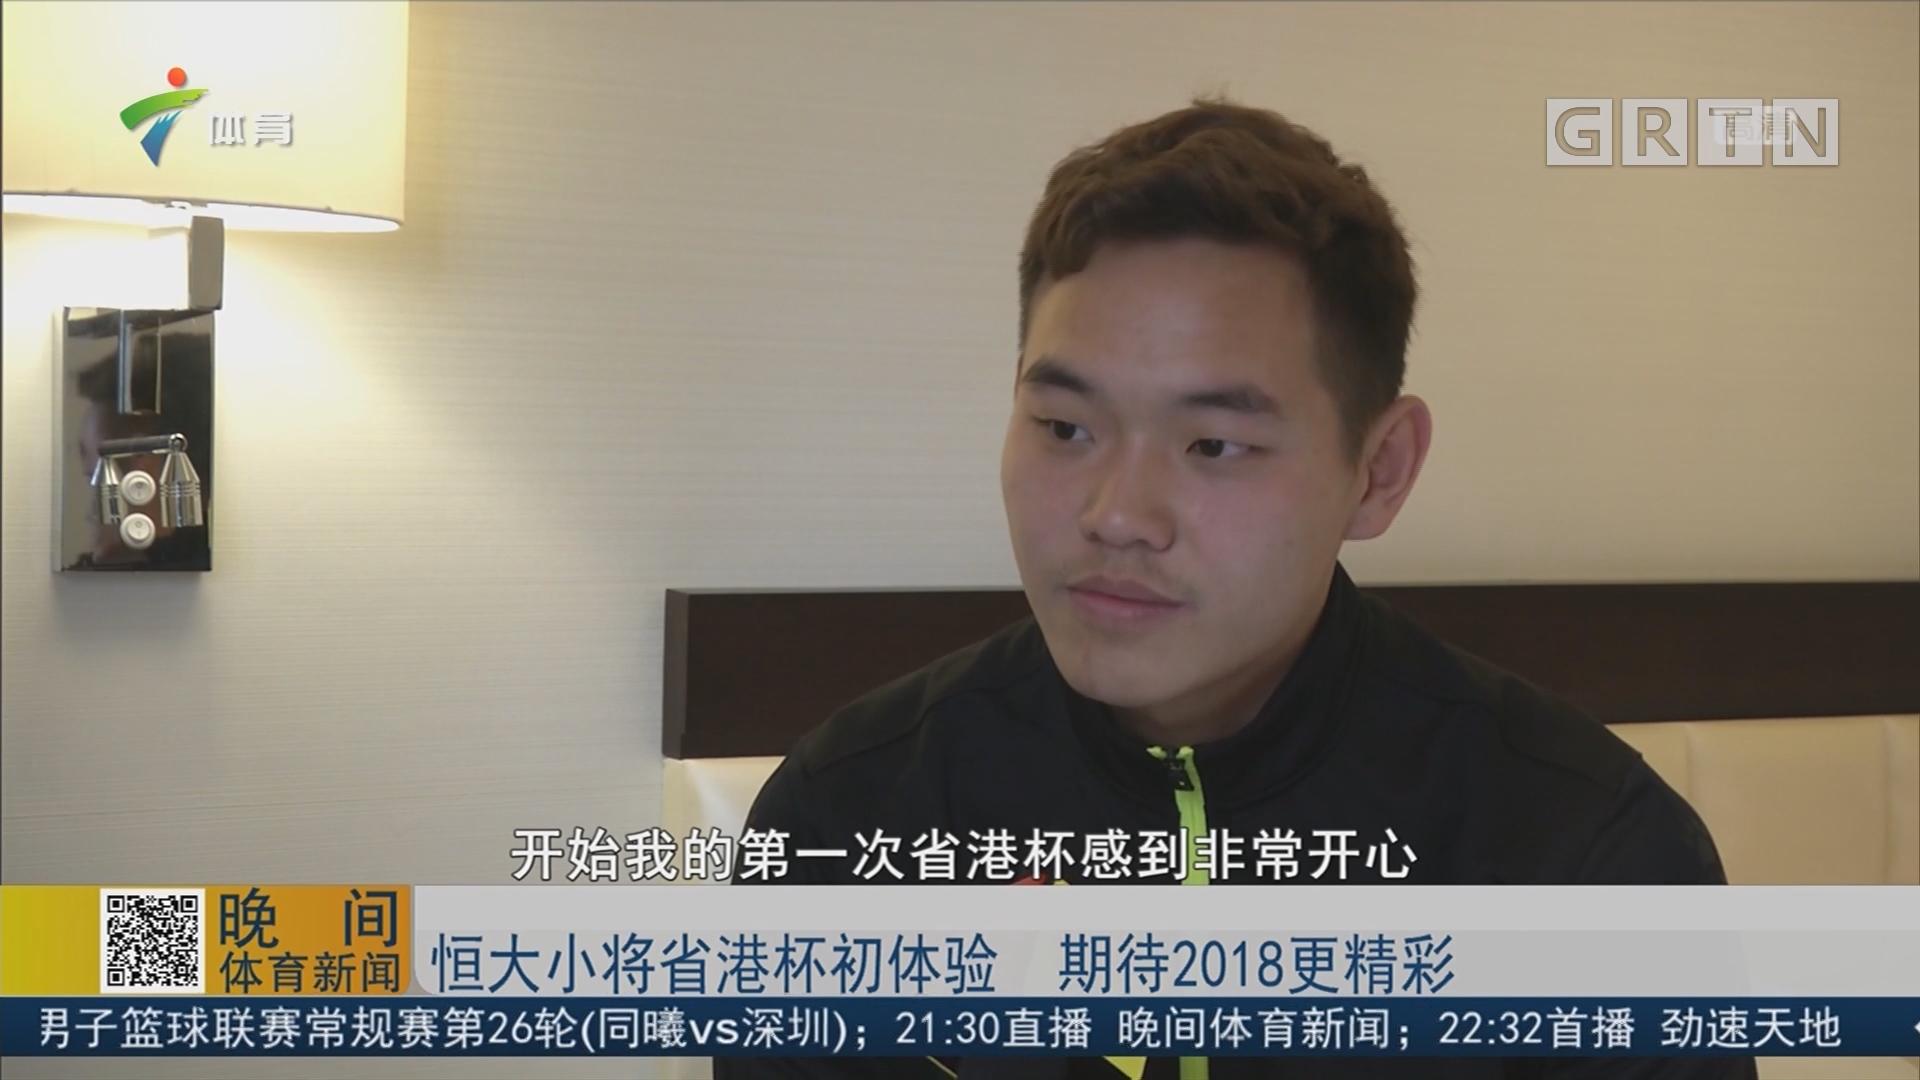 恒大小将省港杯初体验 期待2018更精彩